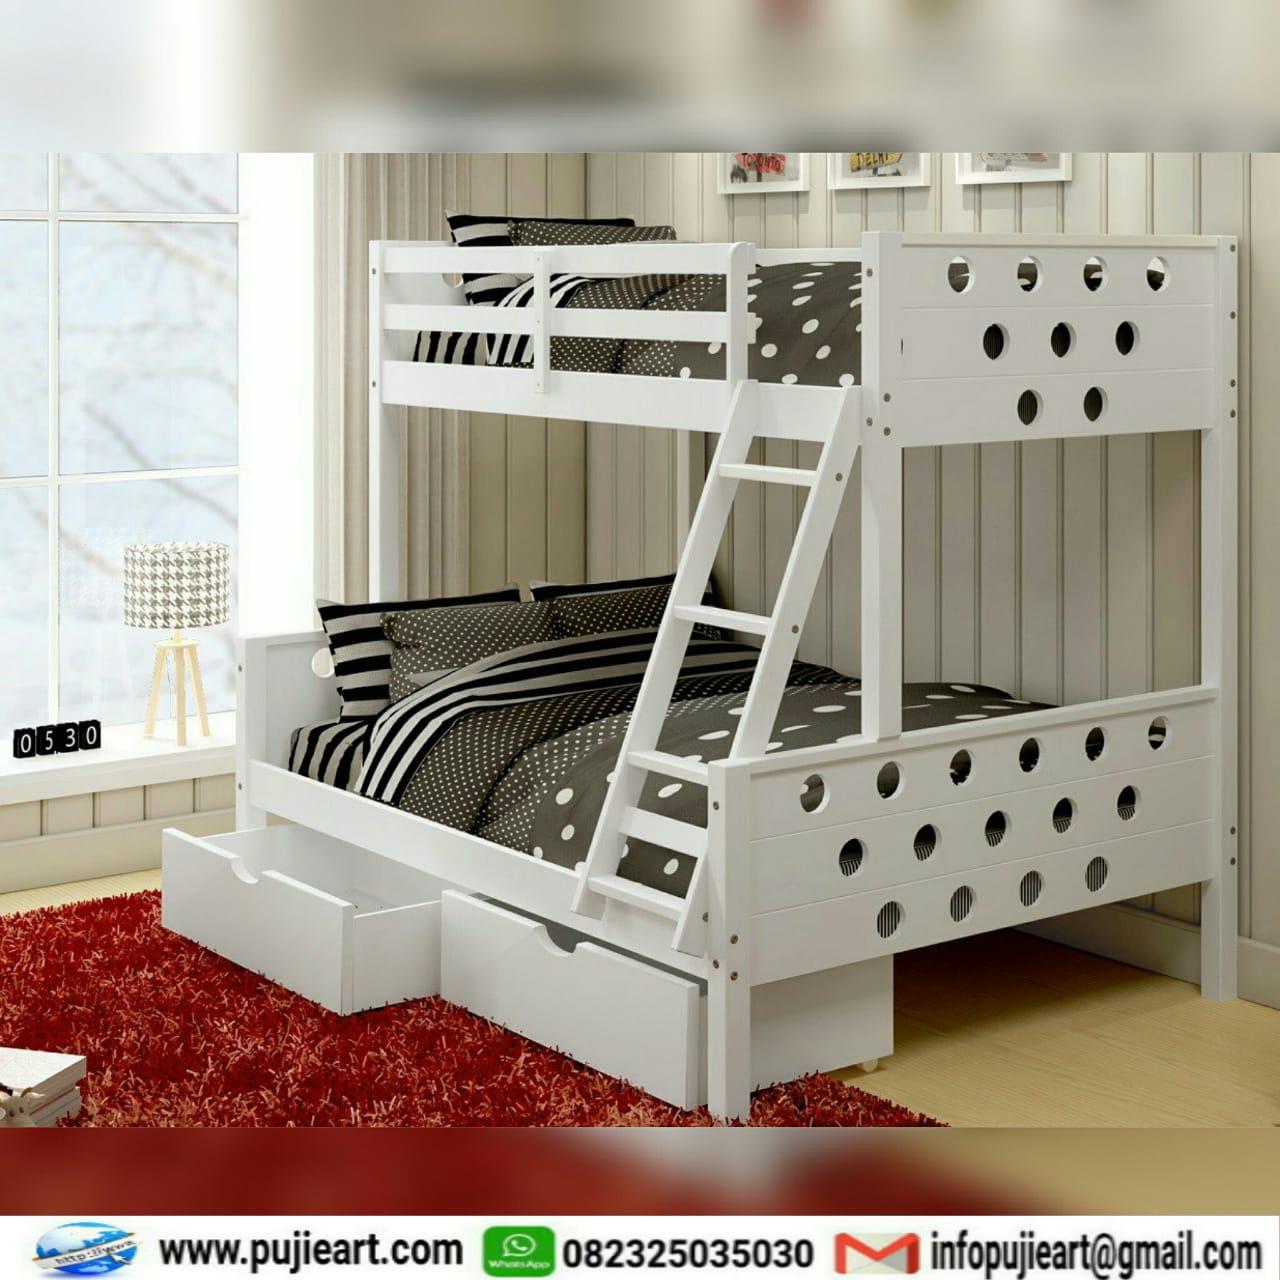 Tempat tidur minimalis%2B%25285%2529